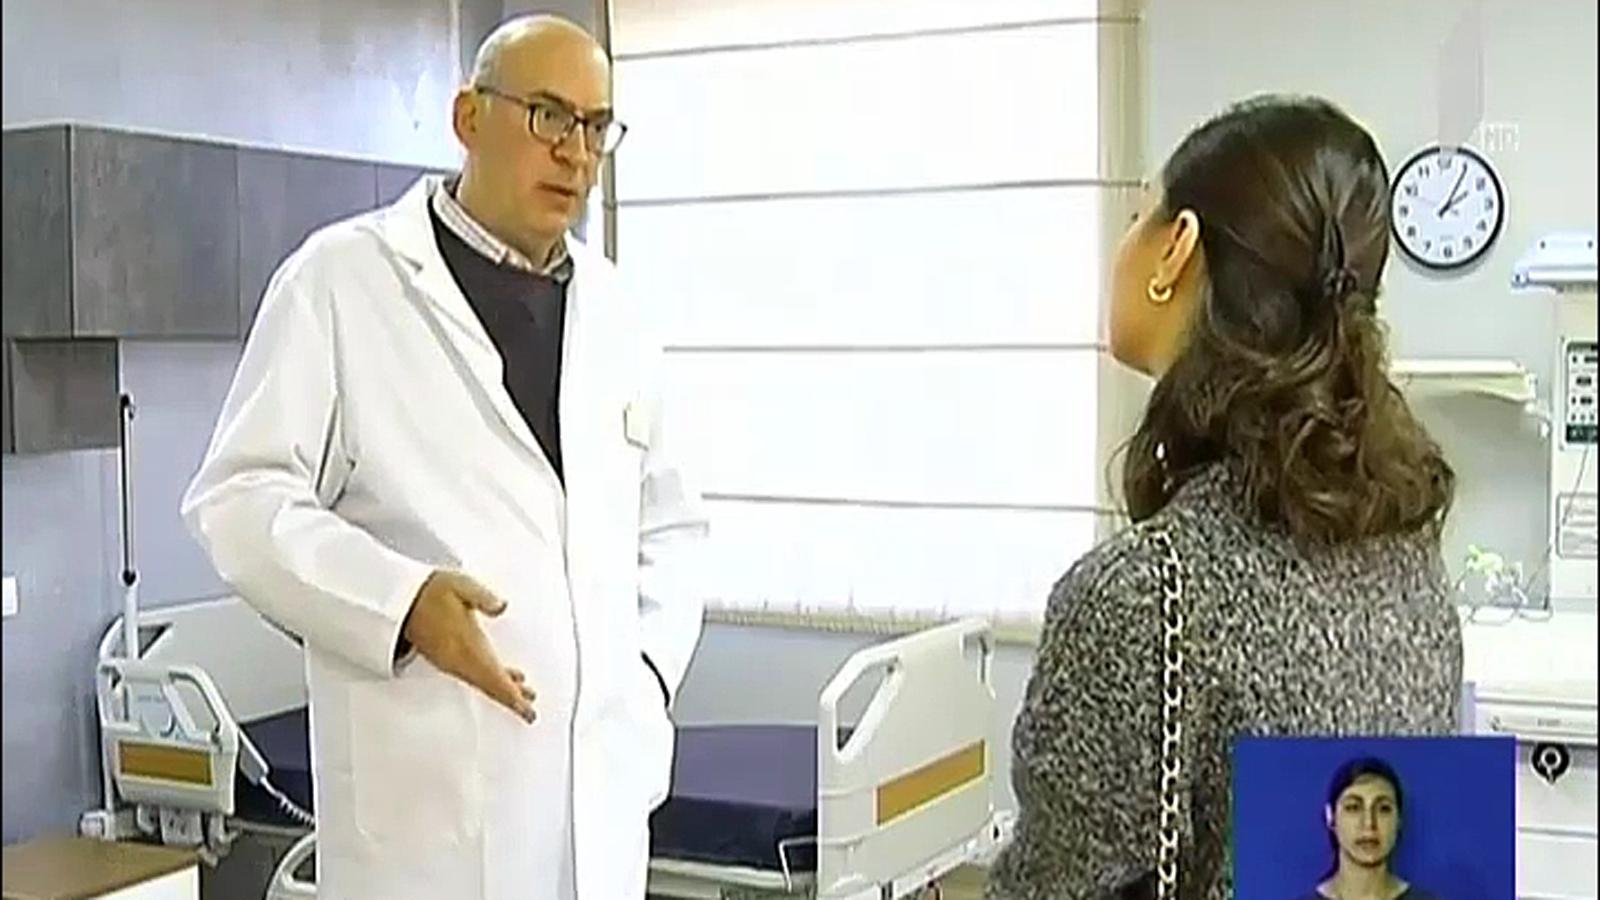 ჯანდაცვის კომიტეტის ინიციატივა - აეკრძალებათ თუ არა ექიმებს ერთდროულად რამდენიმე კლინიკაში მუშაობა